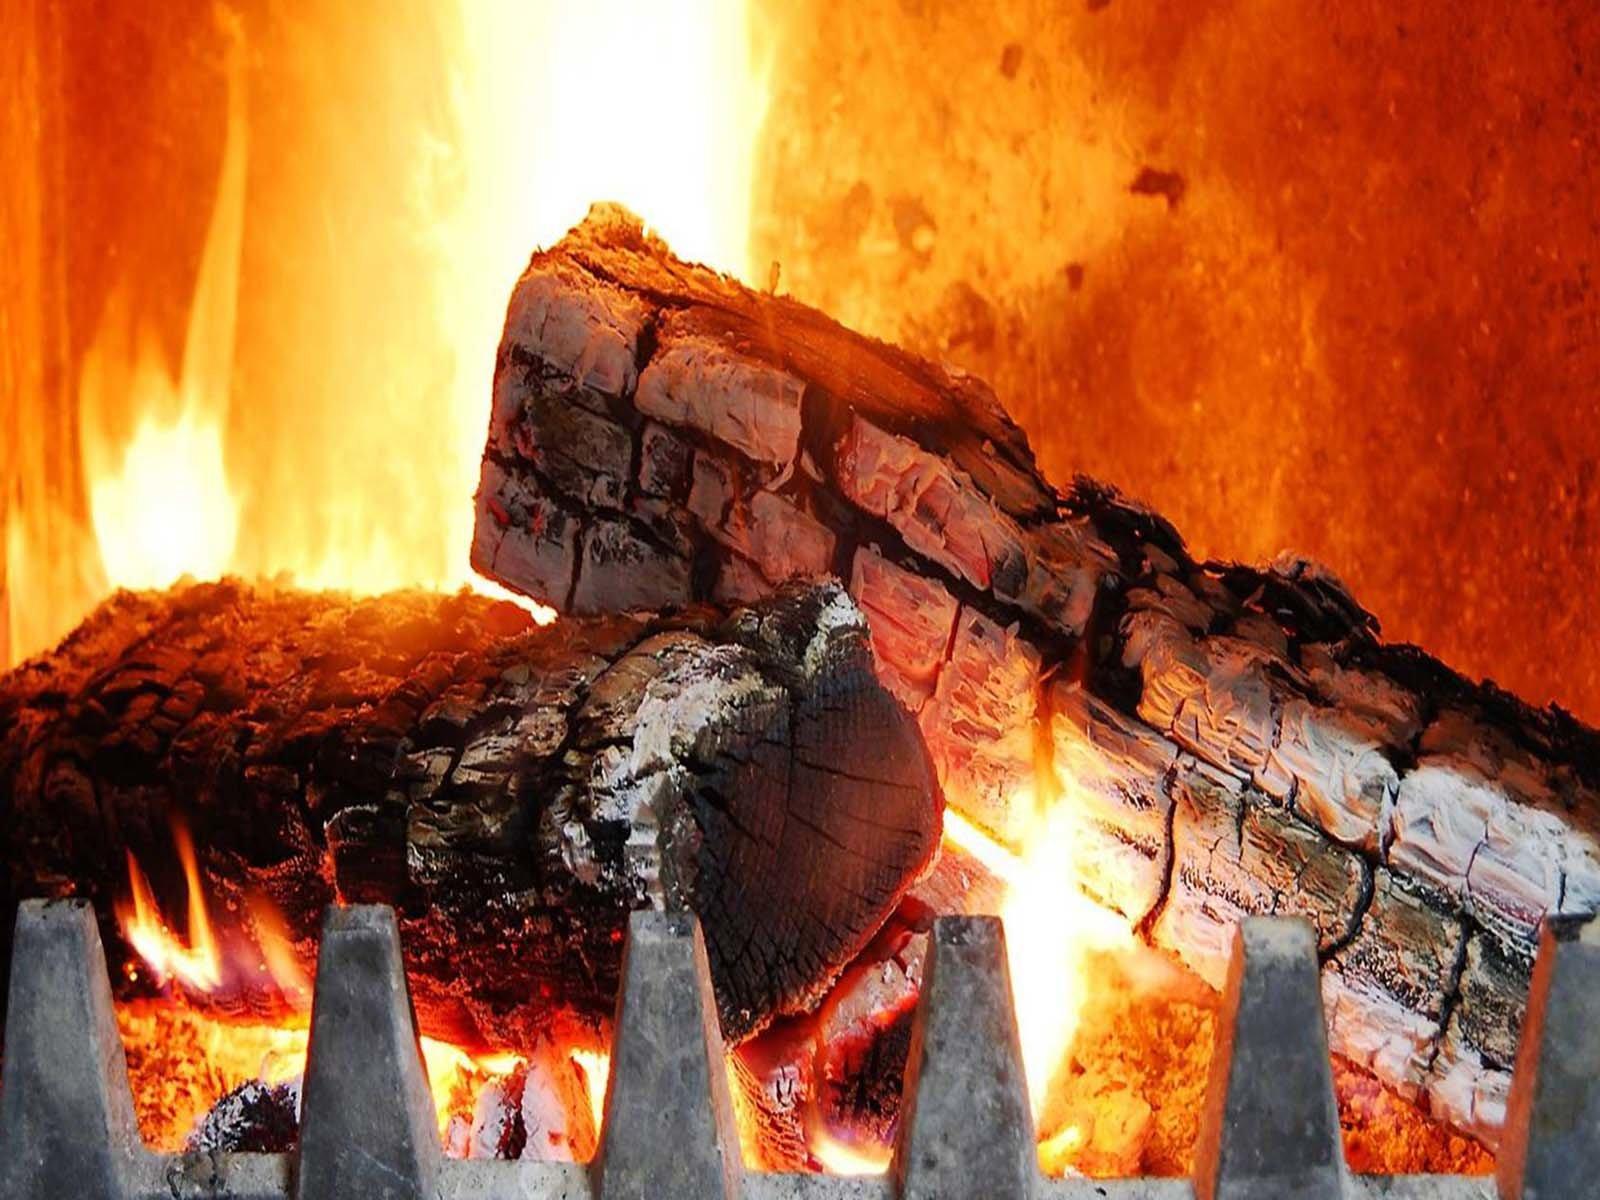 Коэффициент полезного действия горения дров в котле